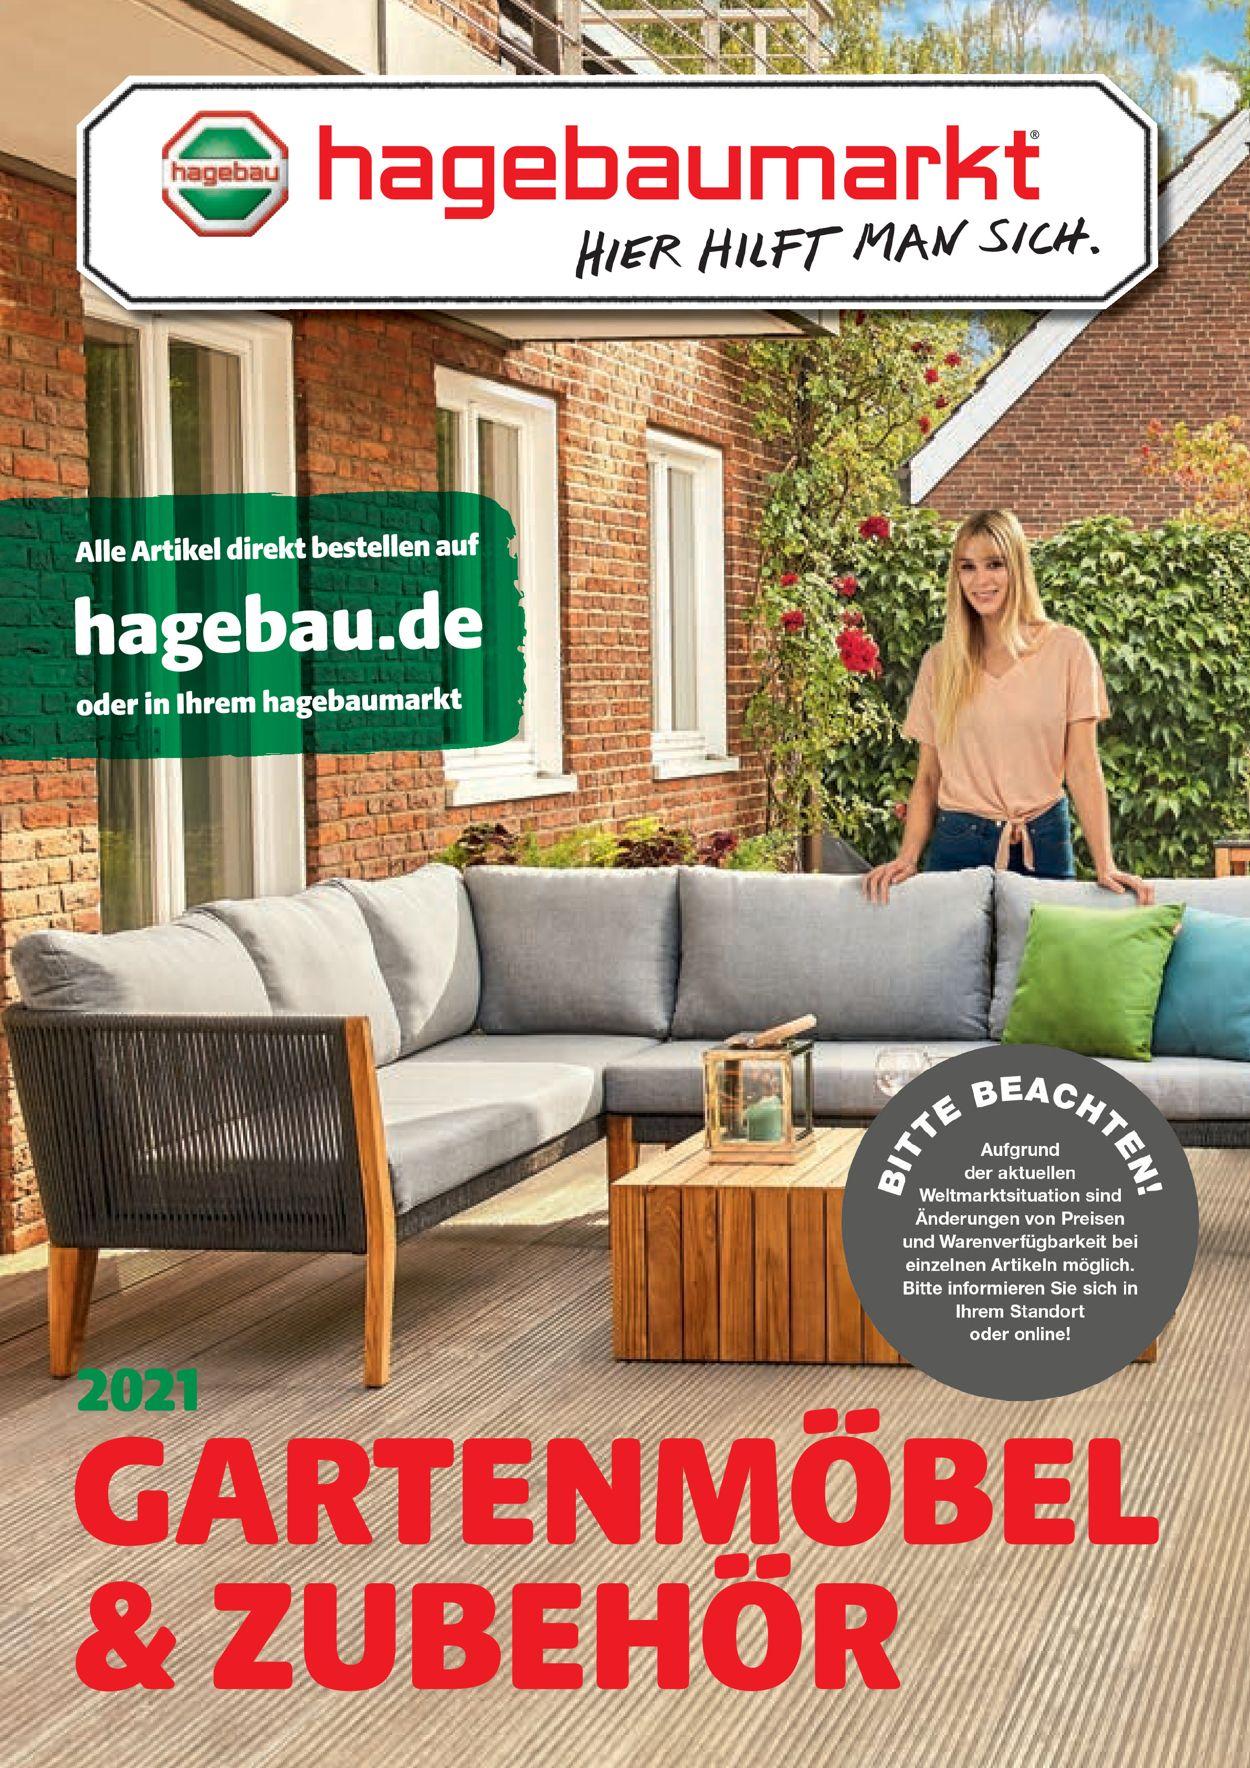 hagebaumarkt Gartenmöbel Prospekt - Aktuell vom 12.04-30.06.2021